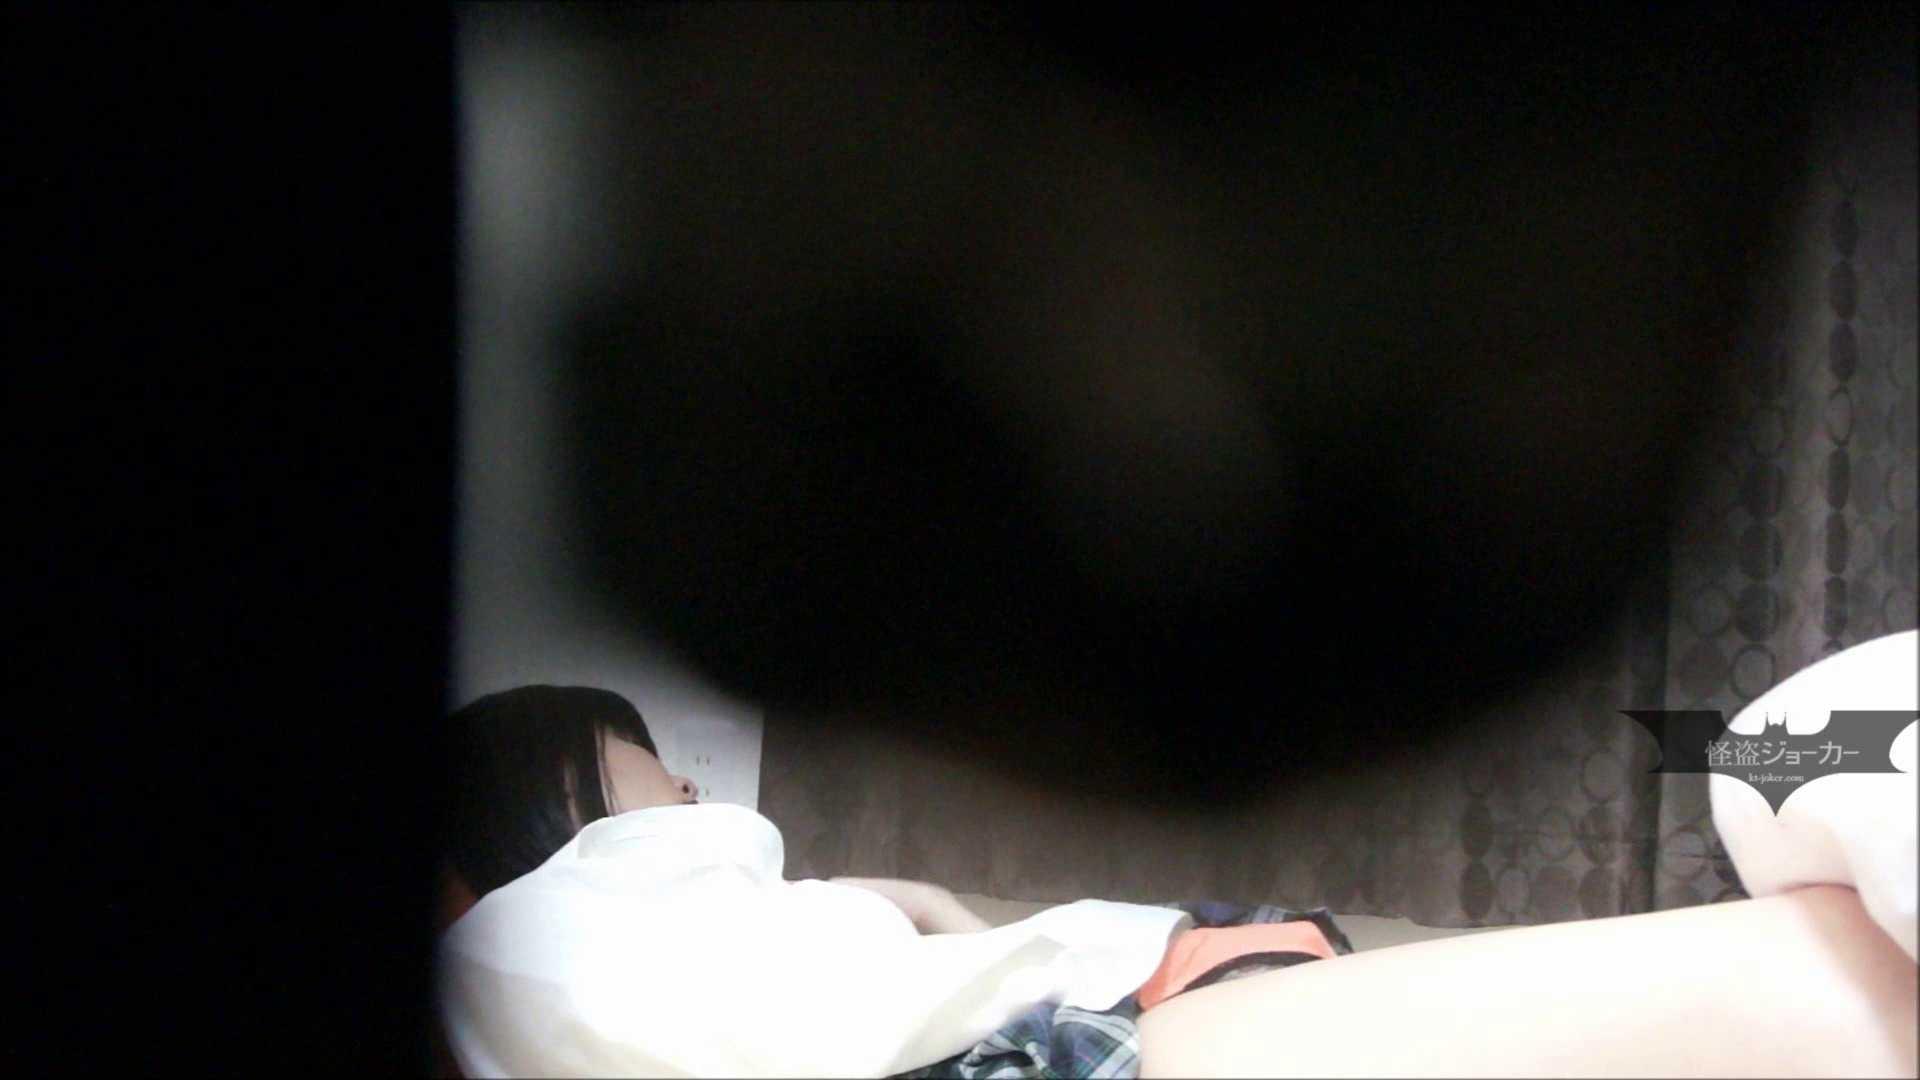 【未公開】vol.54【小春】脱衣所とオナニー隠し撮り 脱衣所   高画質  81画像 41